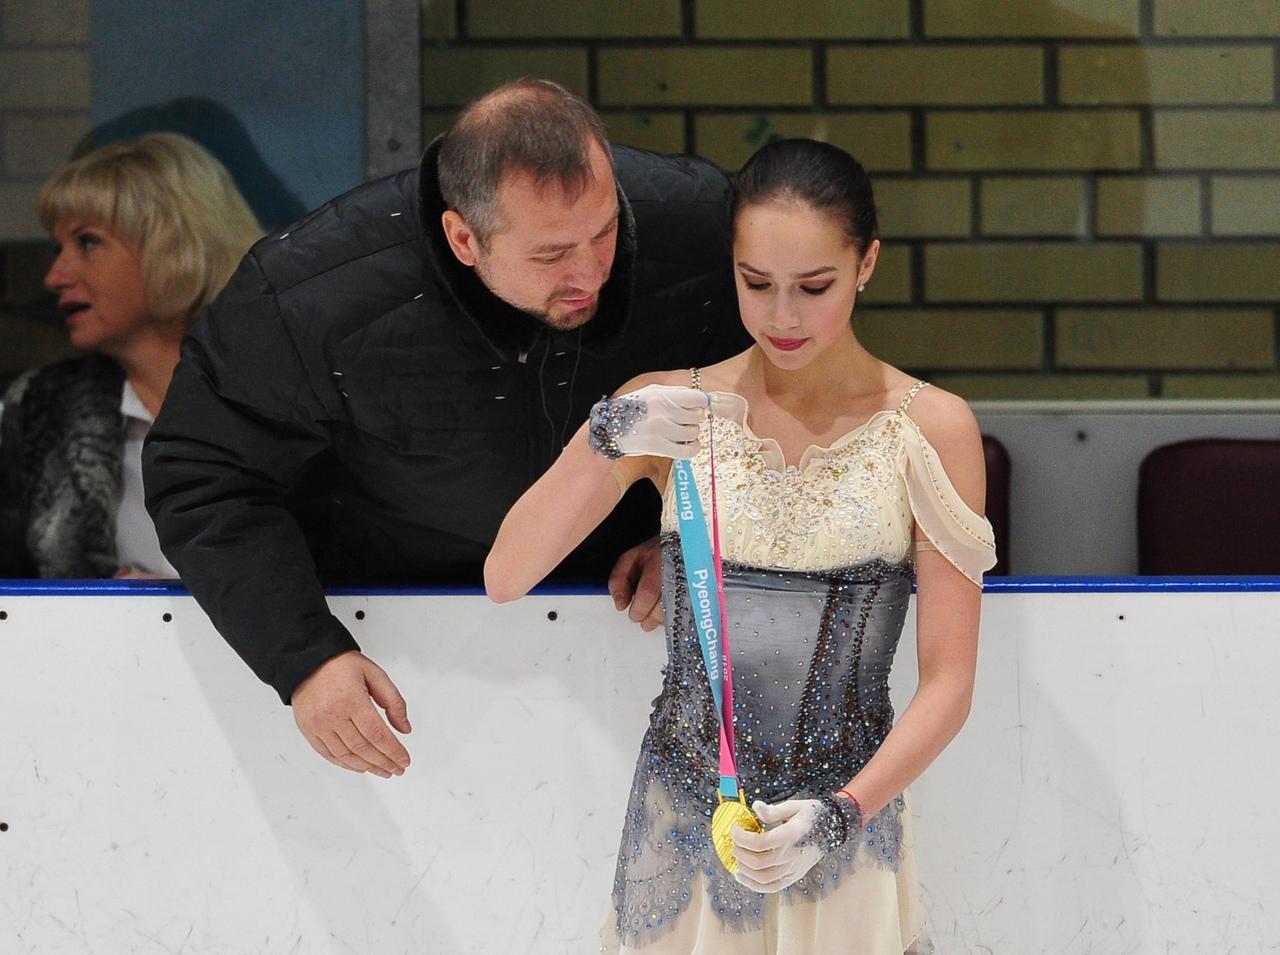 Алина Ильназовна Загитова-2 | Олимпийская чемпионка - Страница 5 Y0C3HIpCvI8